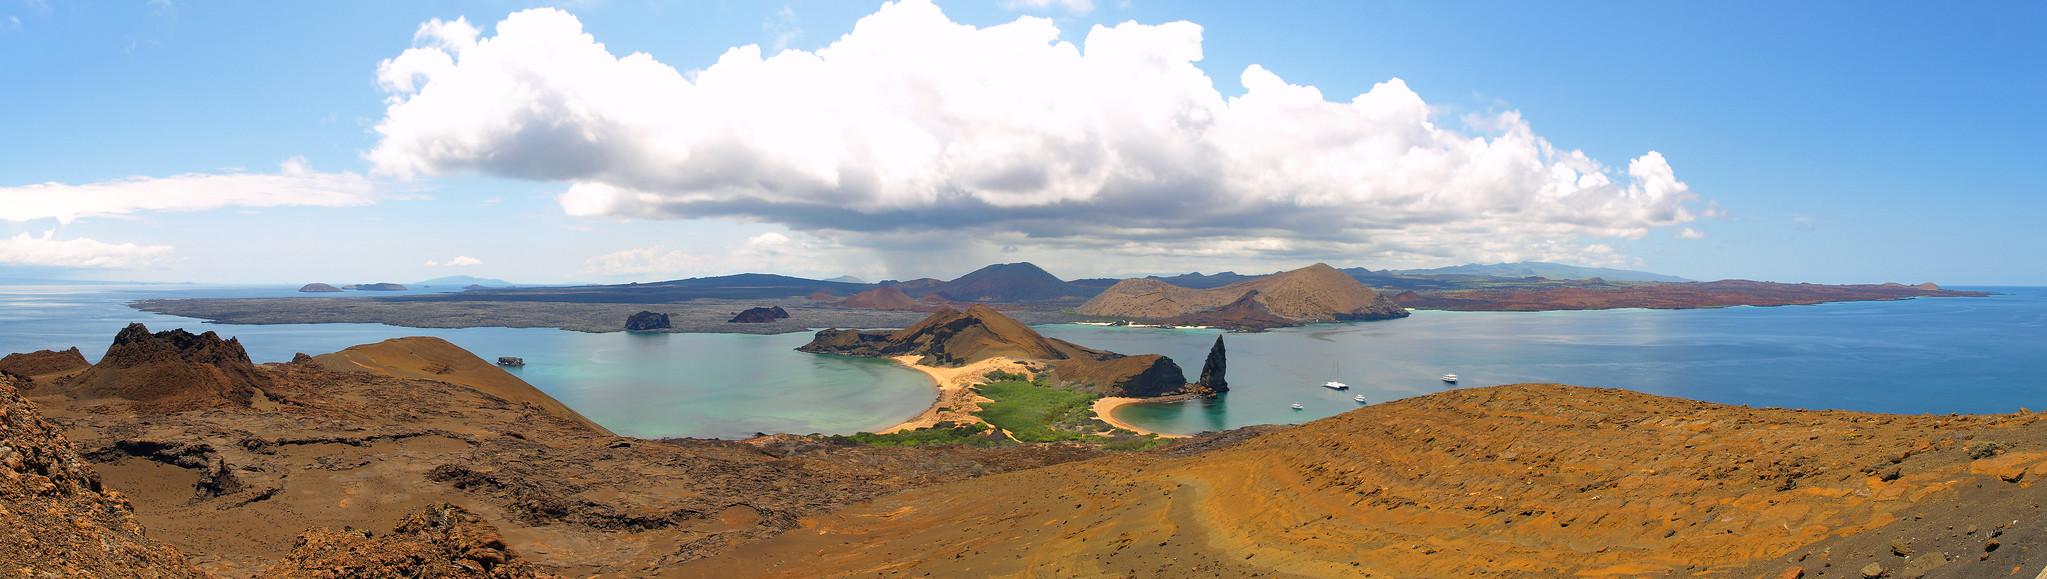 Norte 4 Dias A - Islas Galápagos